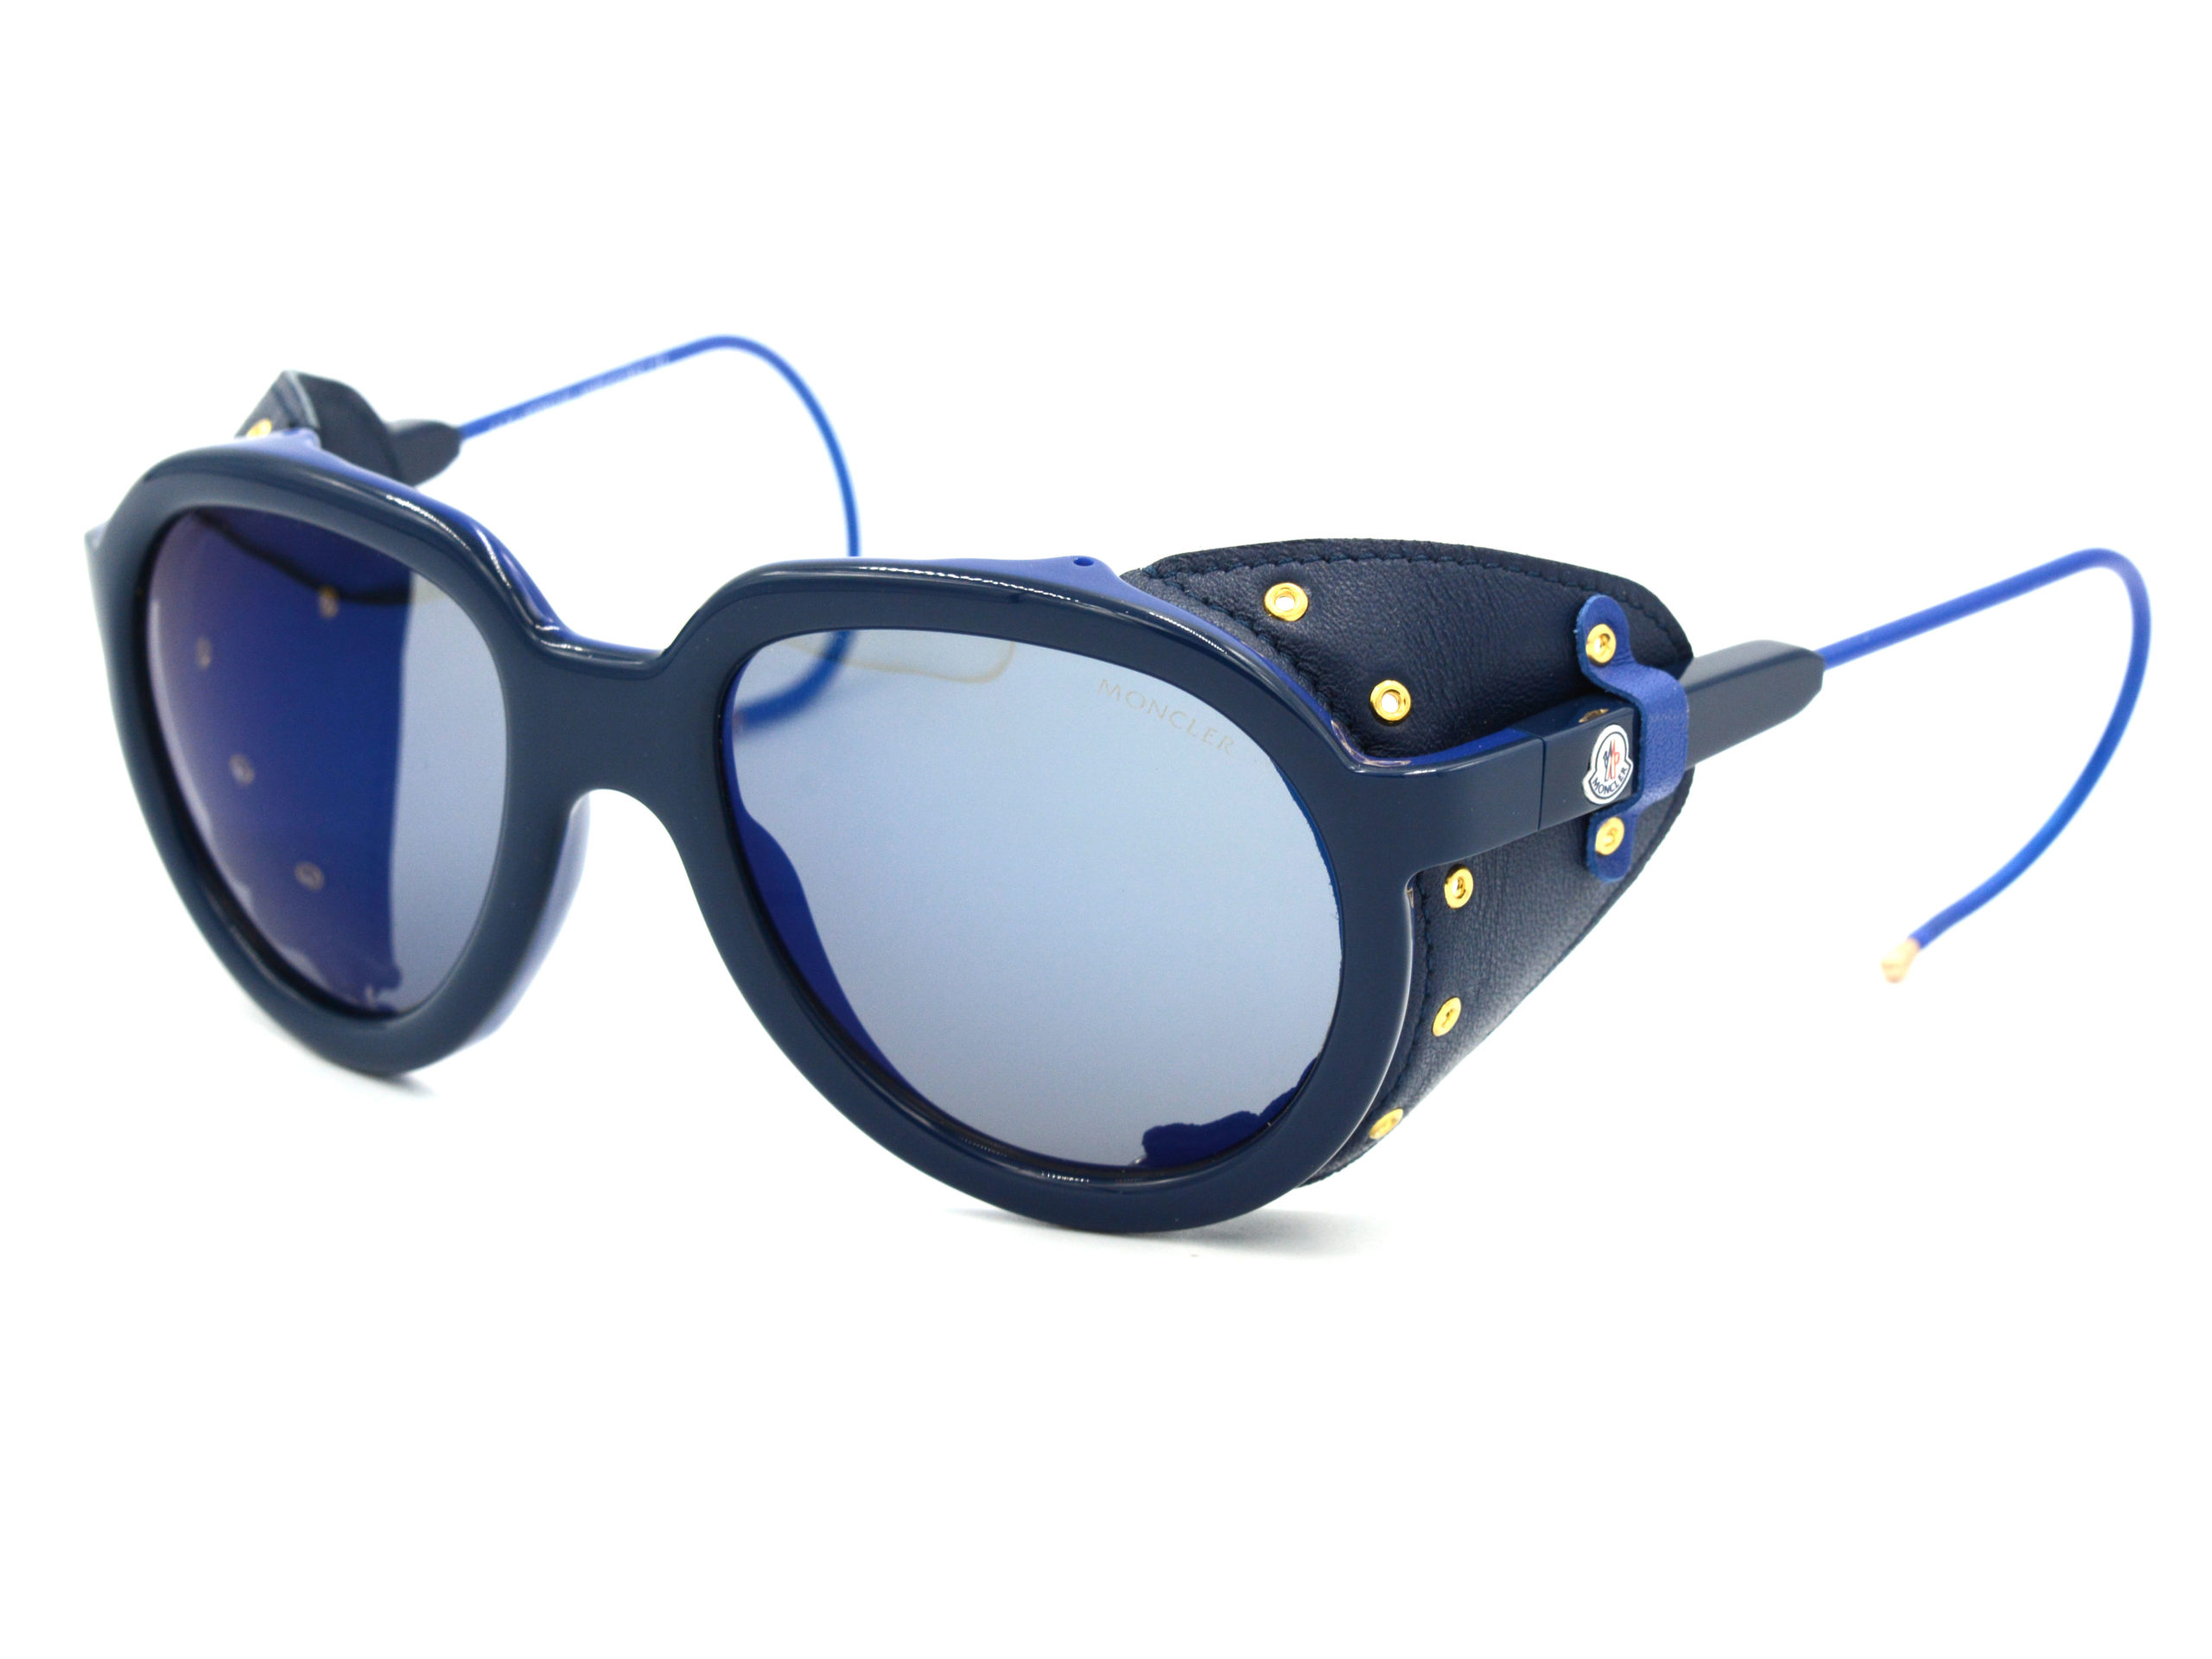 Sunglasses MONCLER ML0003 92X 55-20-155 Unisex 2020